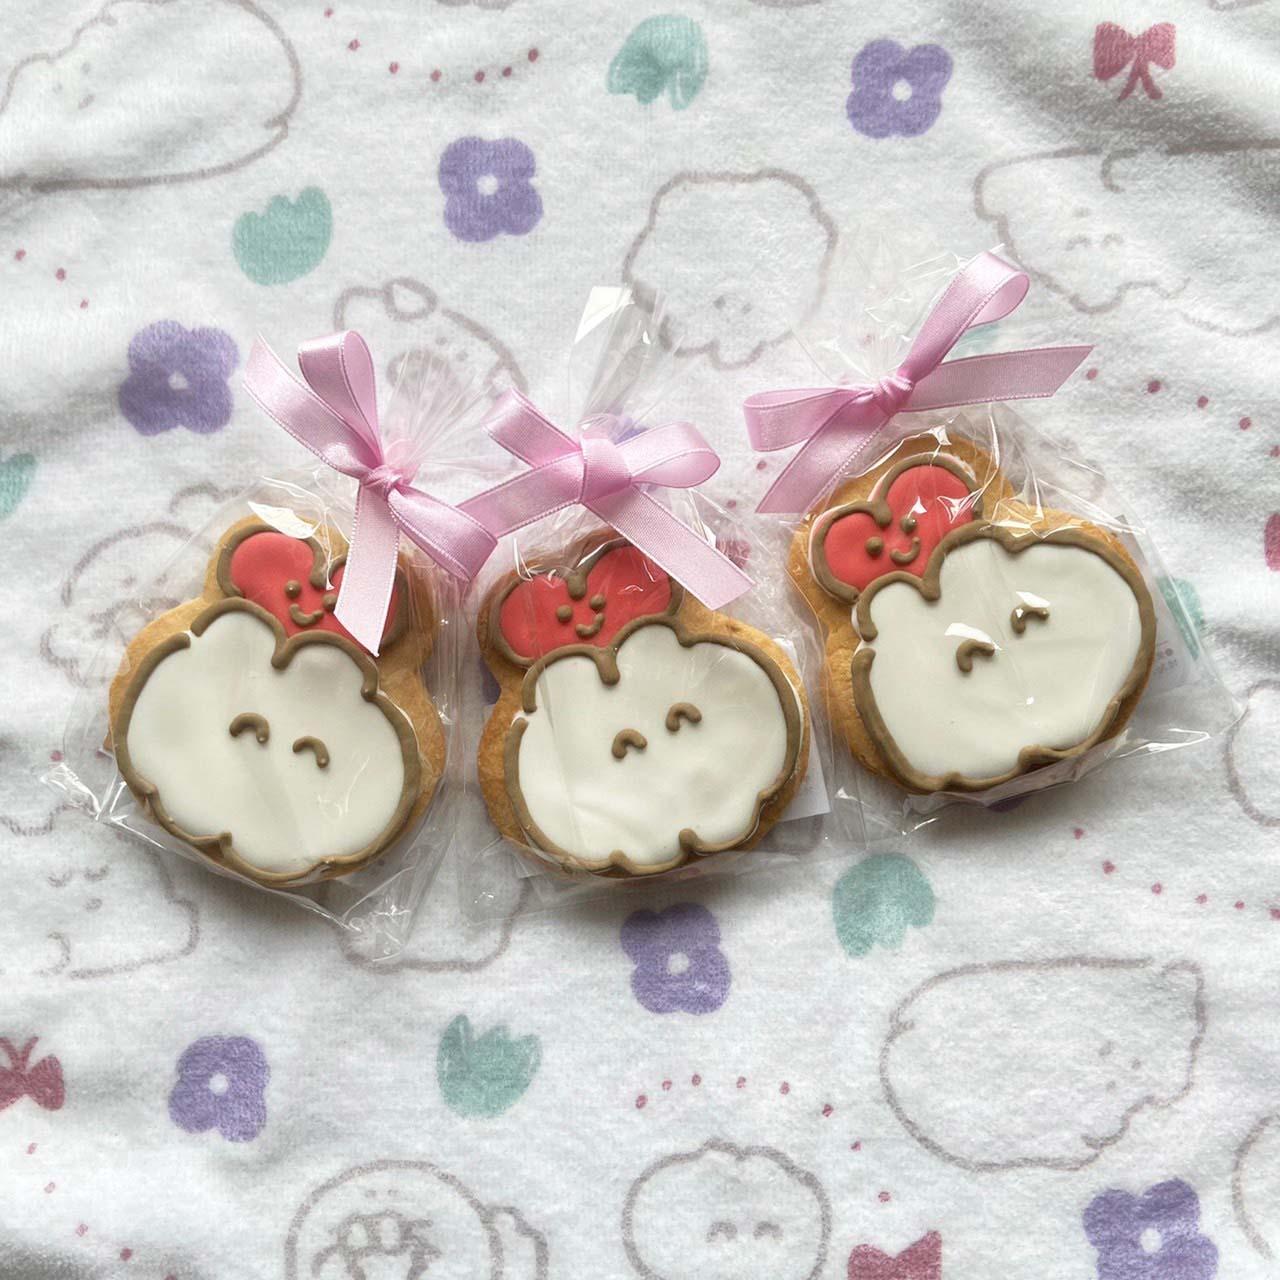 【4/3(SAT)】イースタークッキーギフトWEB販売スタートです☆